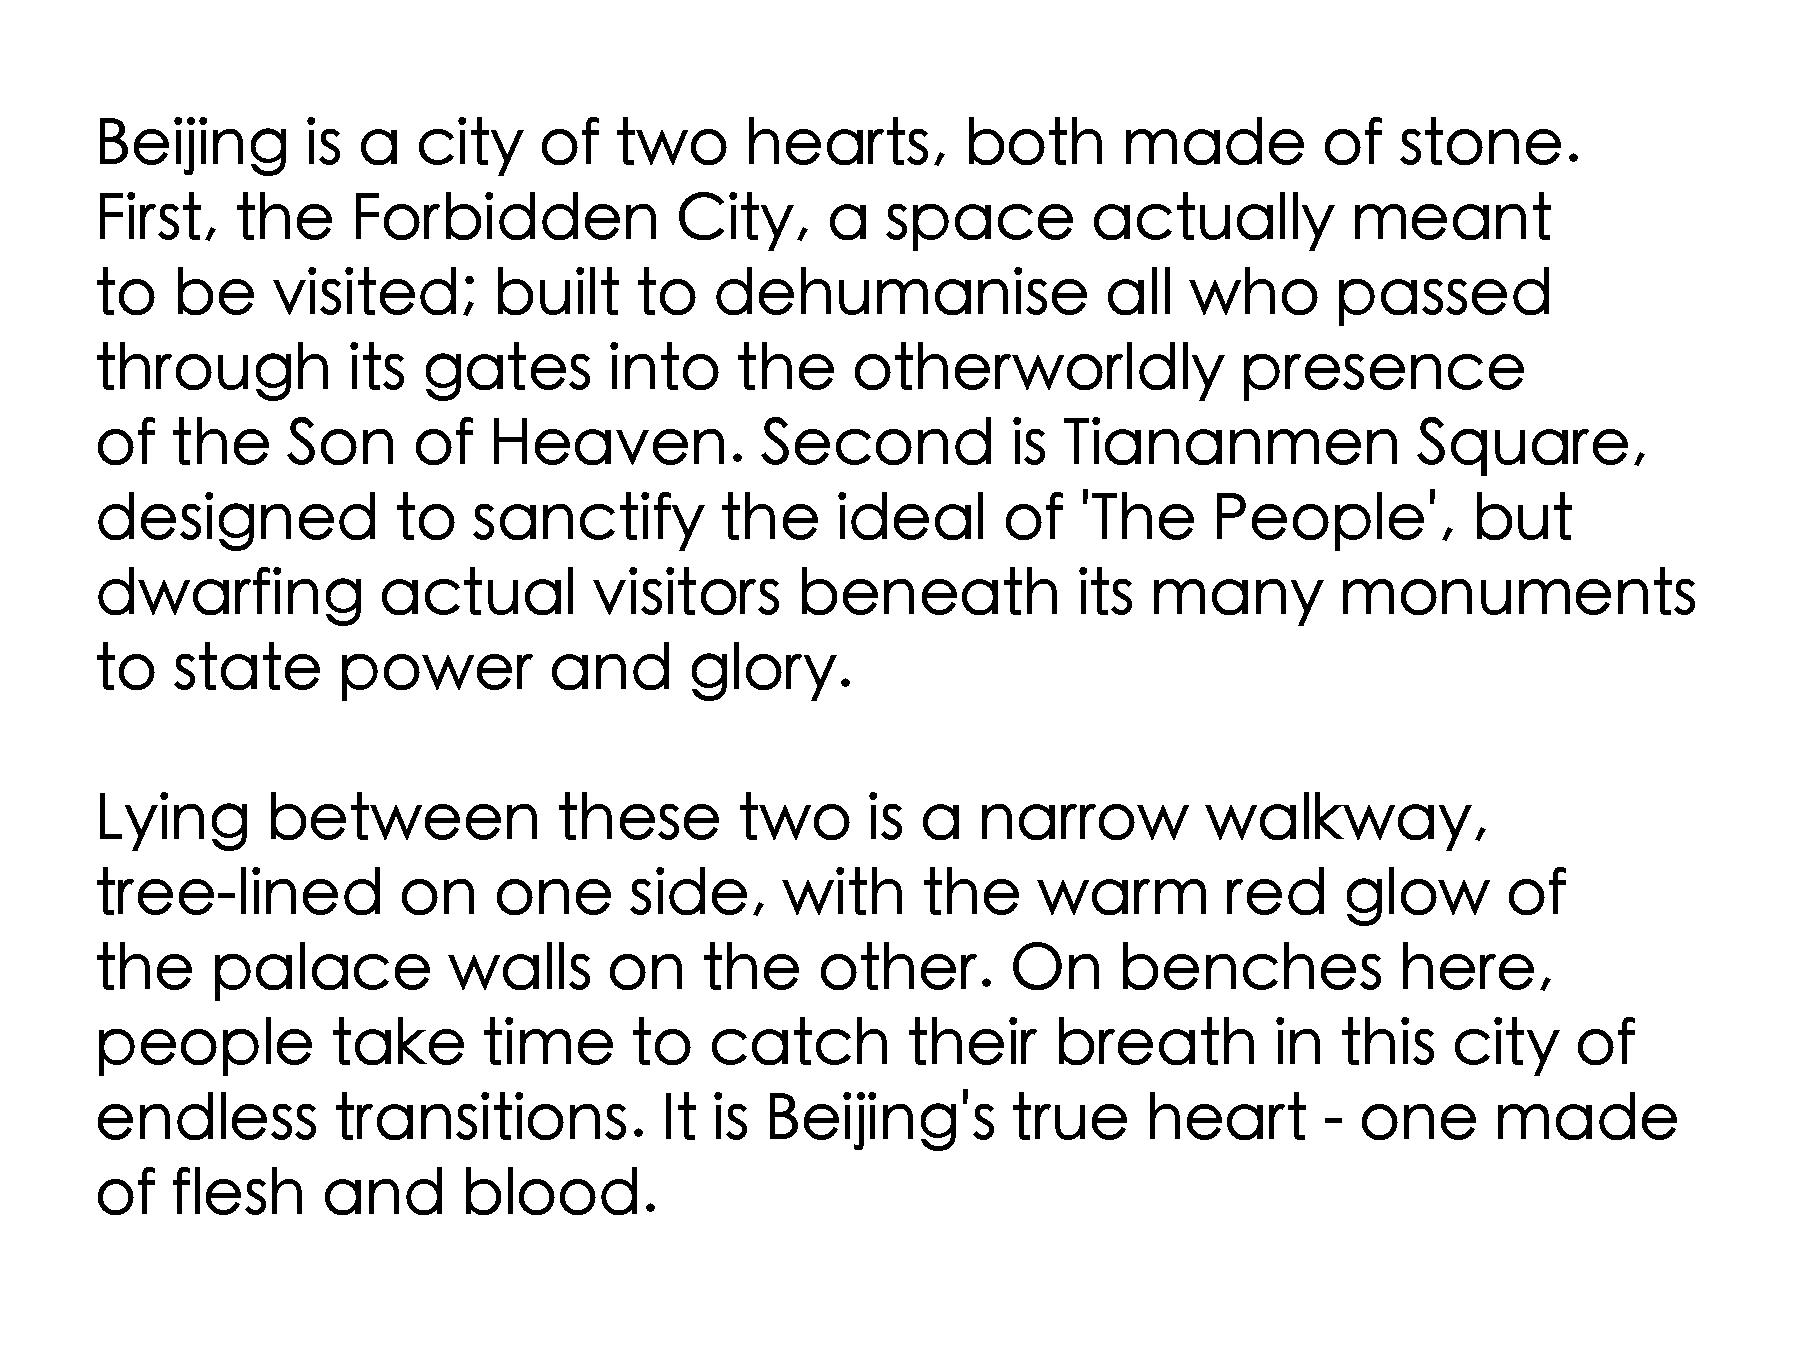 Beijing heart text.jpg